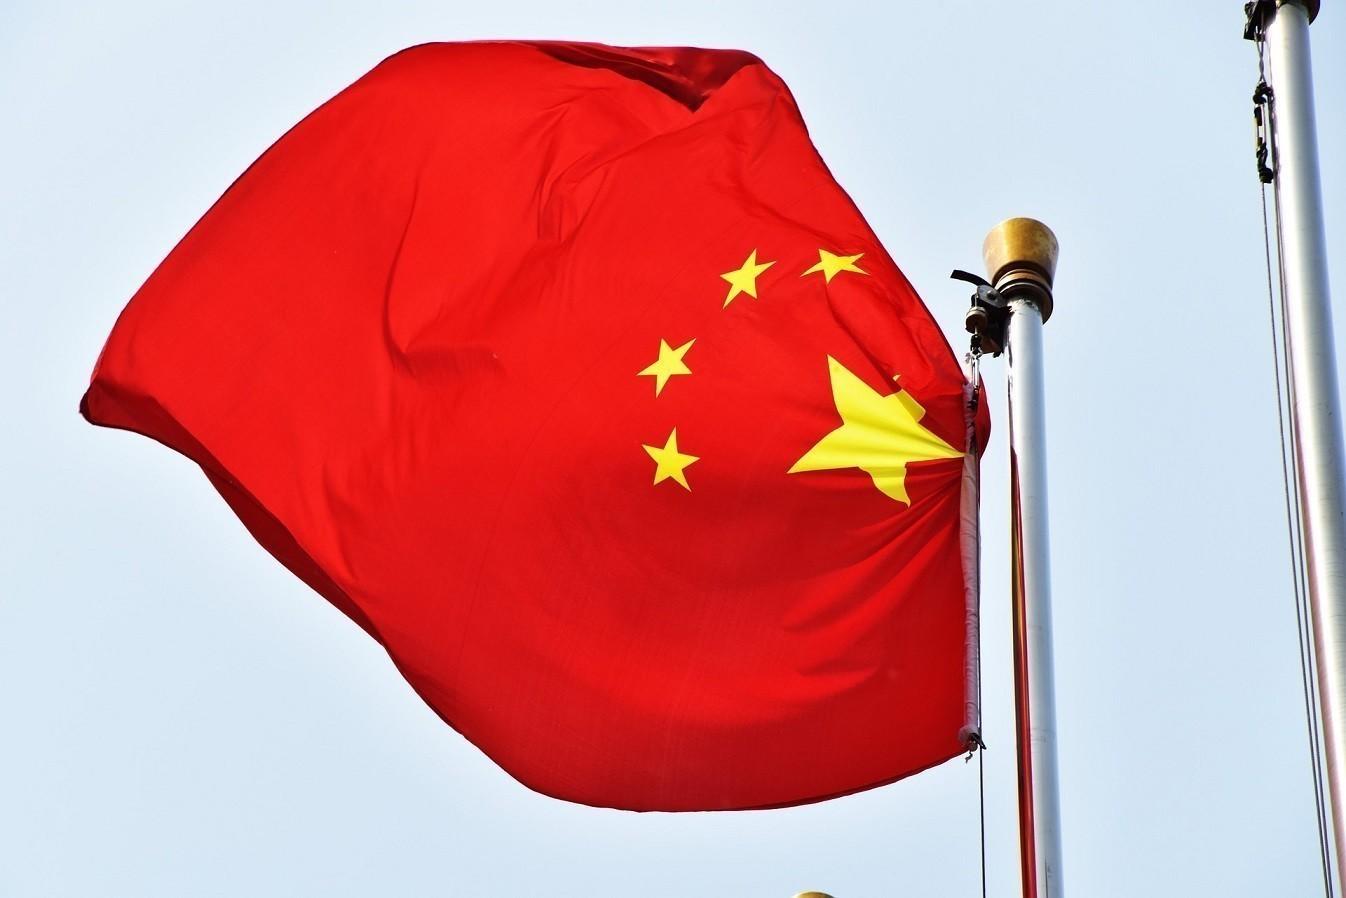 Η σημαία της Κίνας